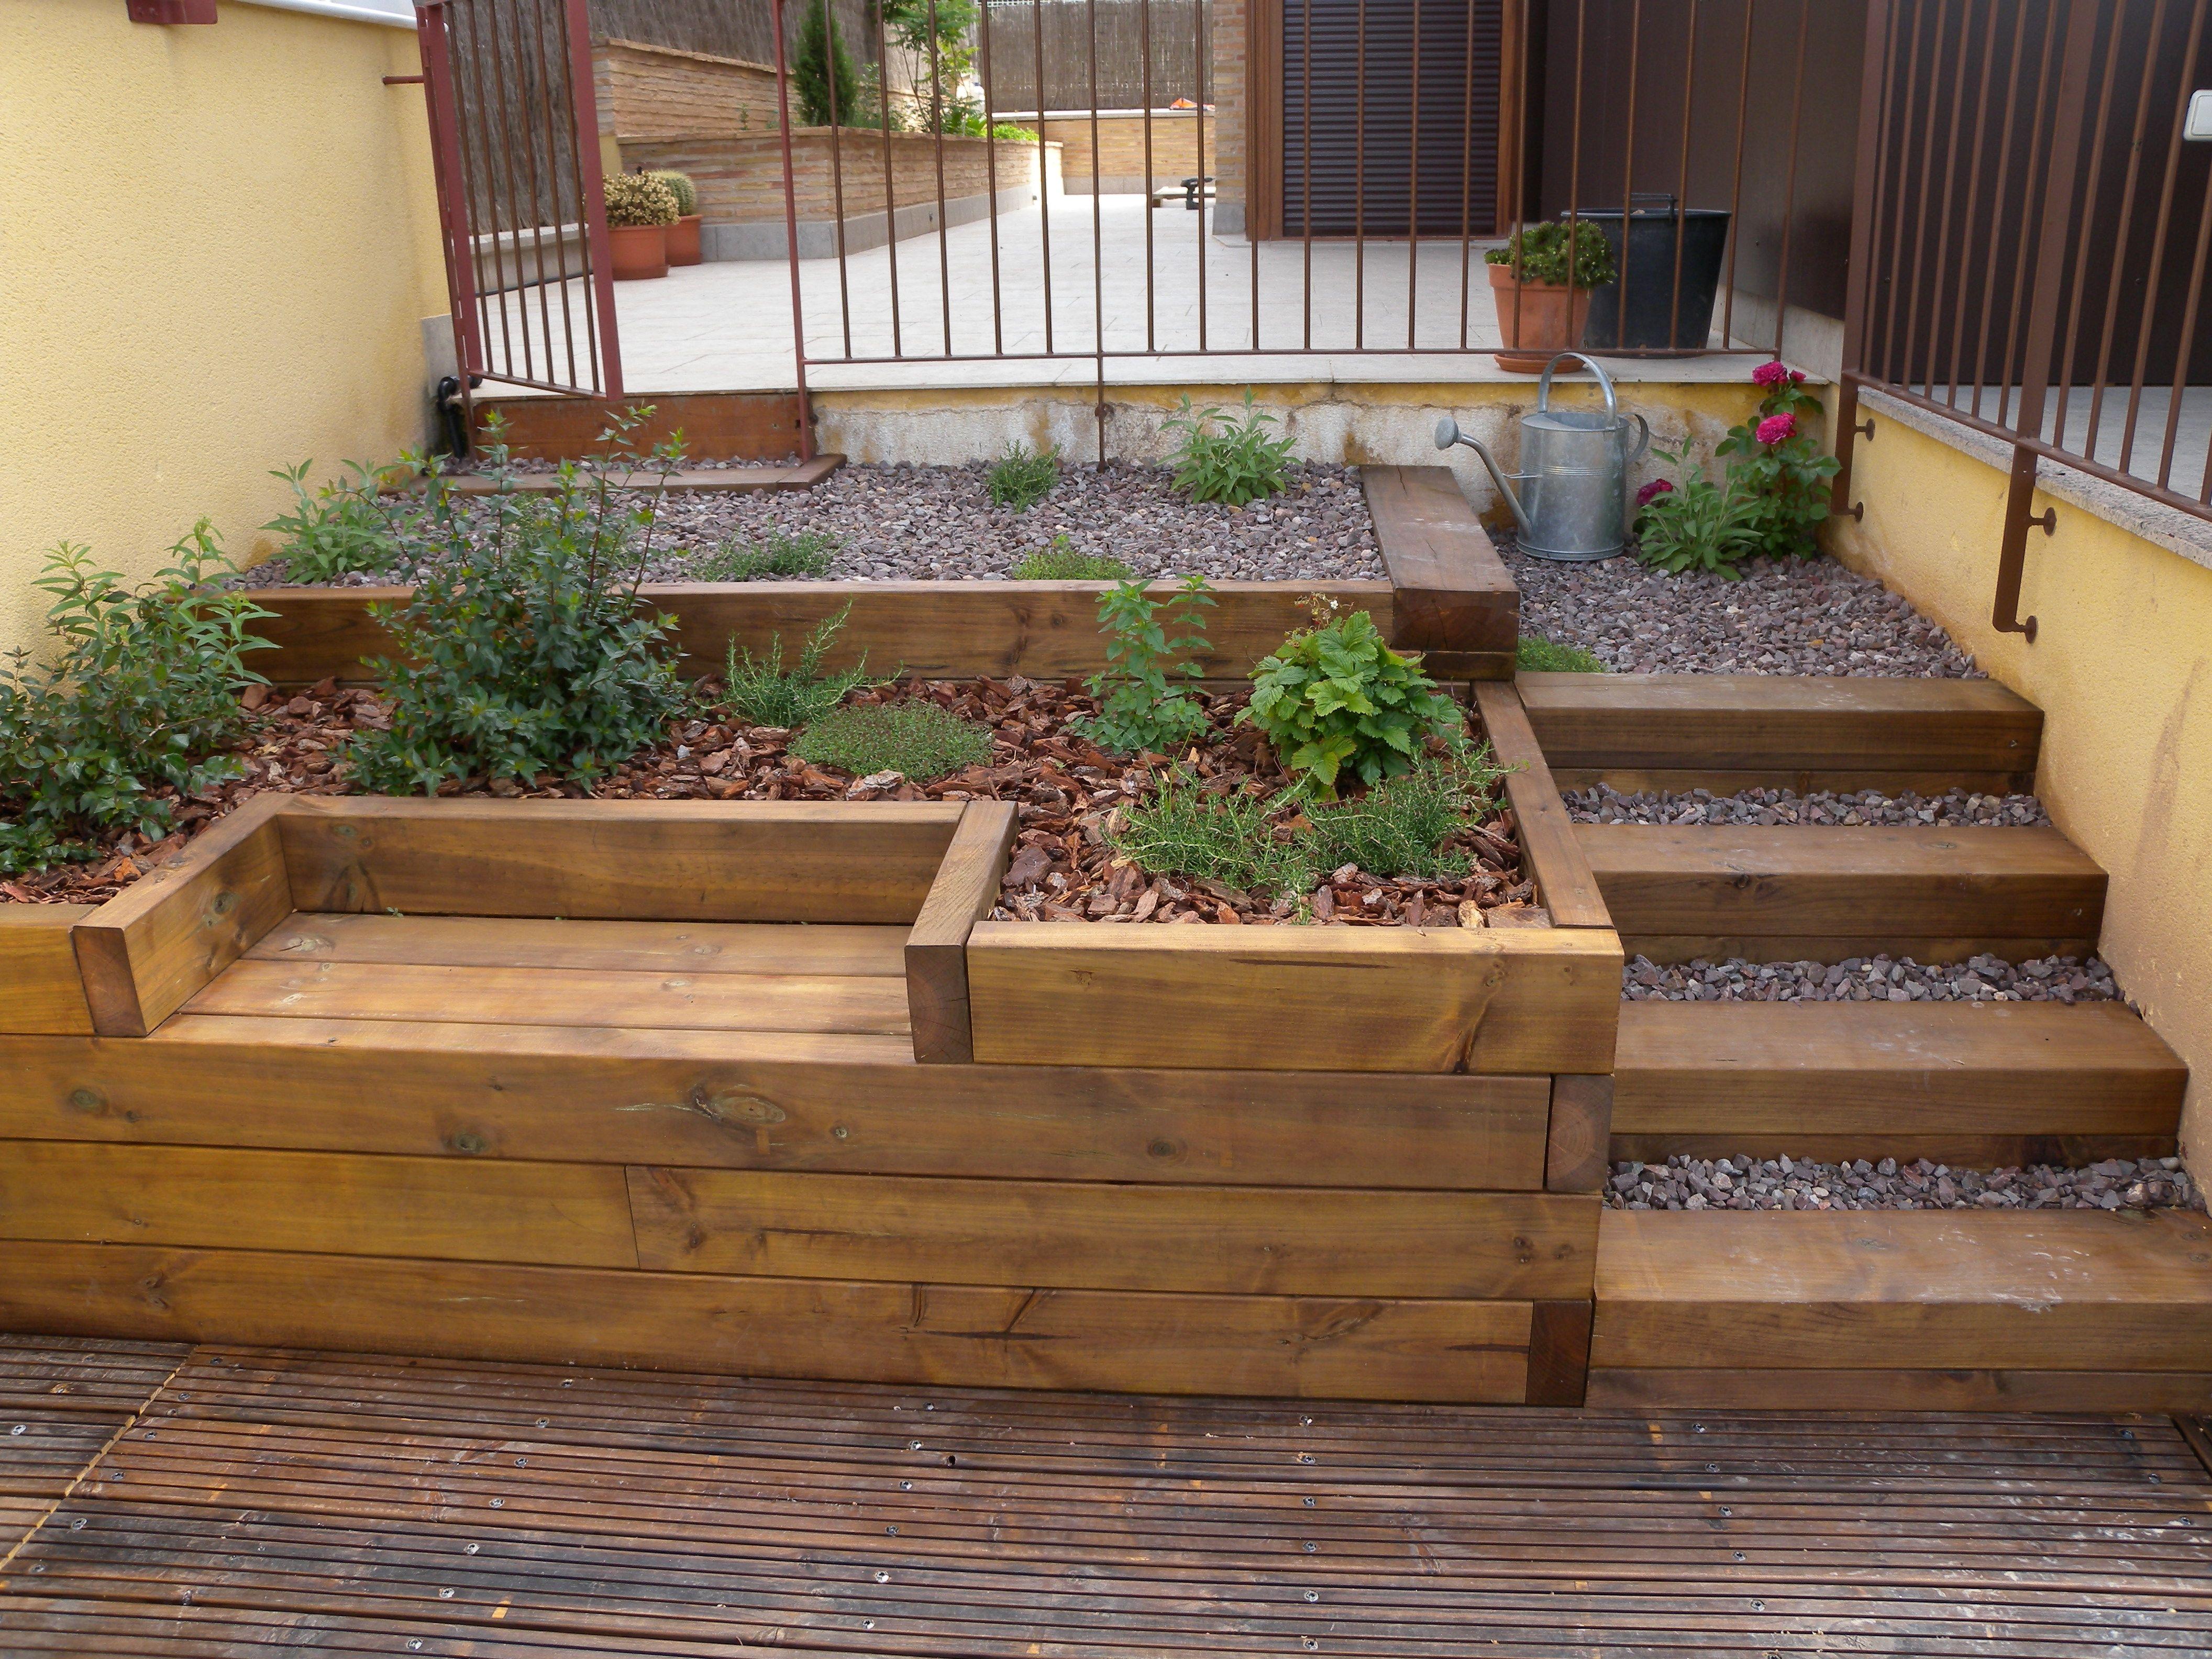 escaleras banco y jardinera resueltos con traviesas de madera ecolgica